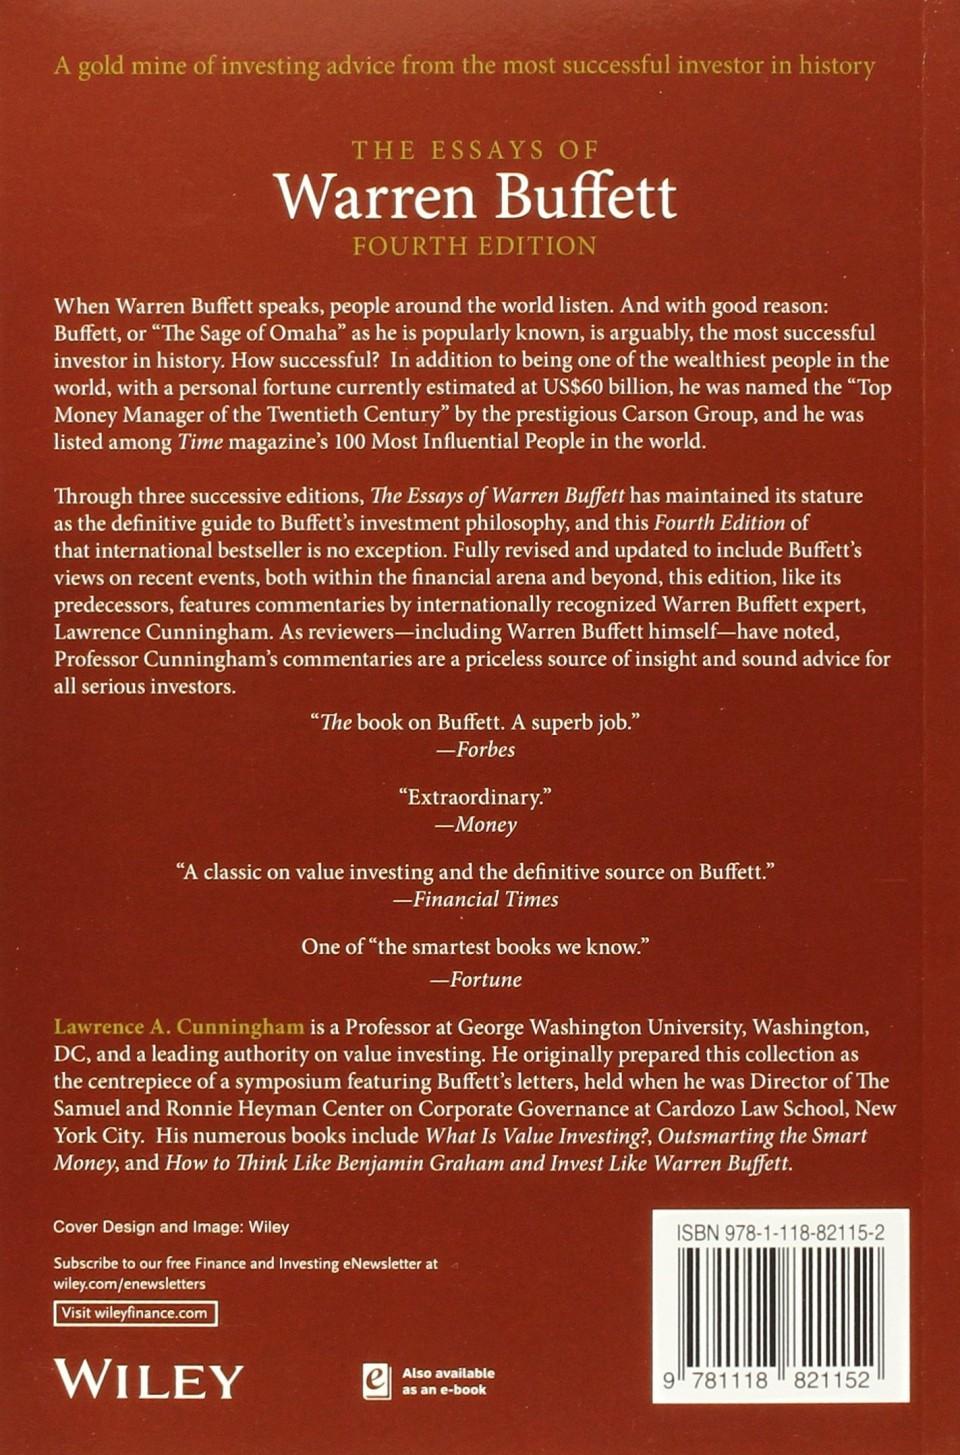 007 91viw96oq0l Die Essays Von Warren Buffett Essay Archaicawful Das Buch Für Investoren Und Unternehmer Pdf 960